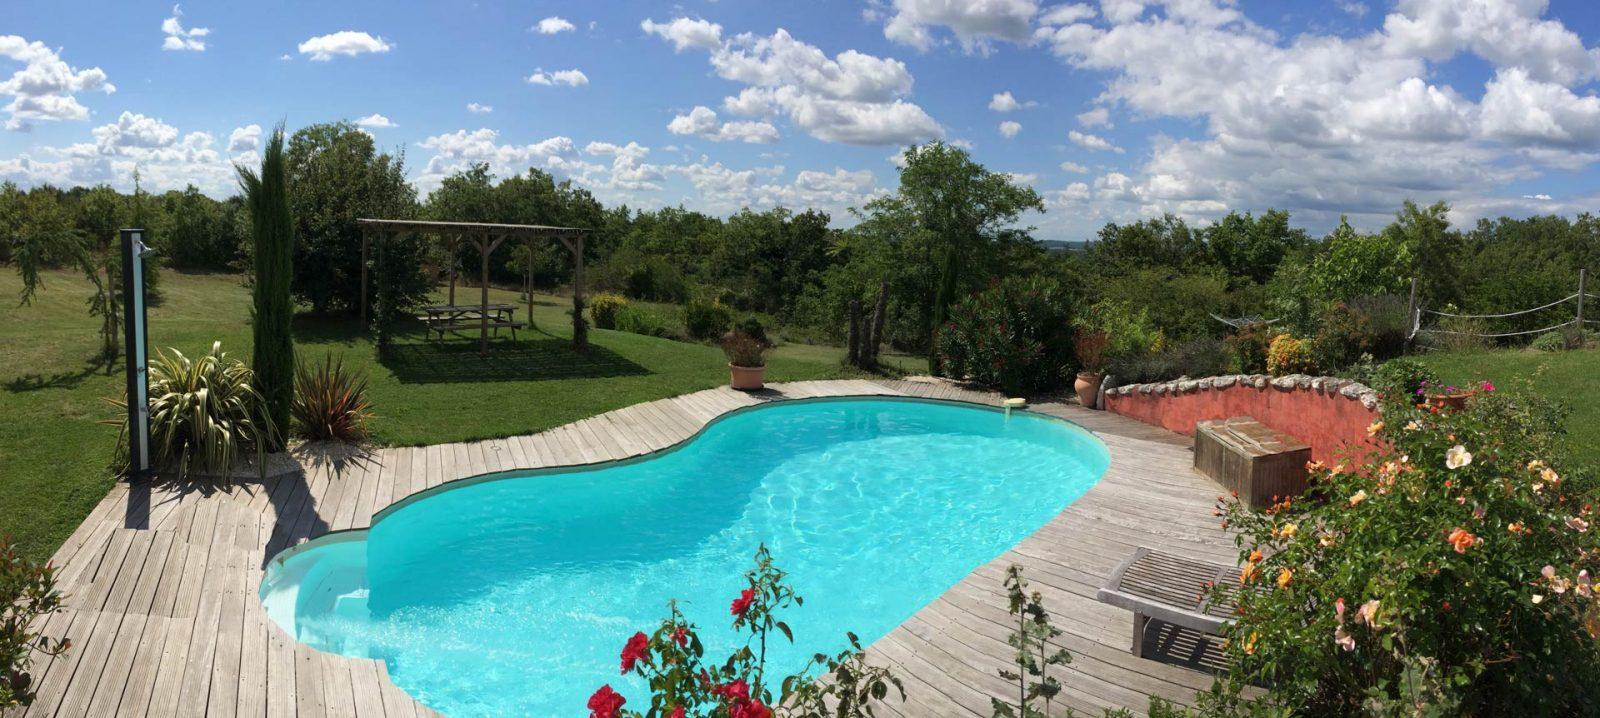 Villa magarre